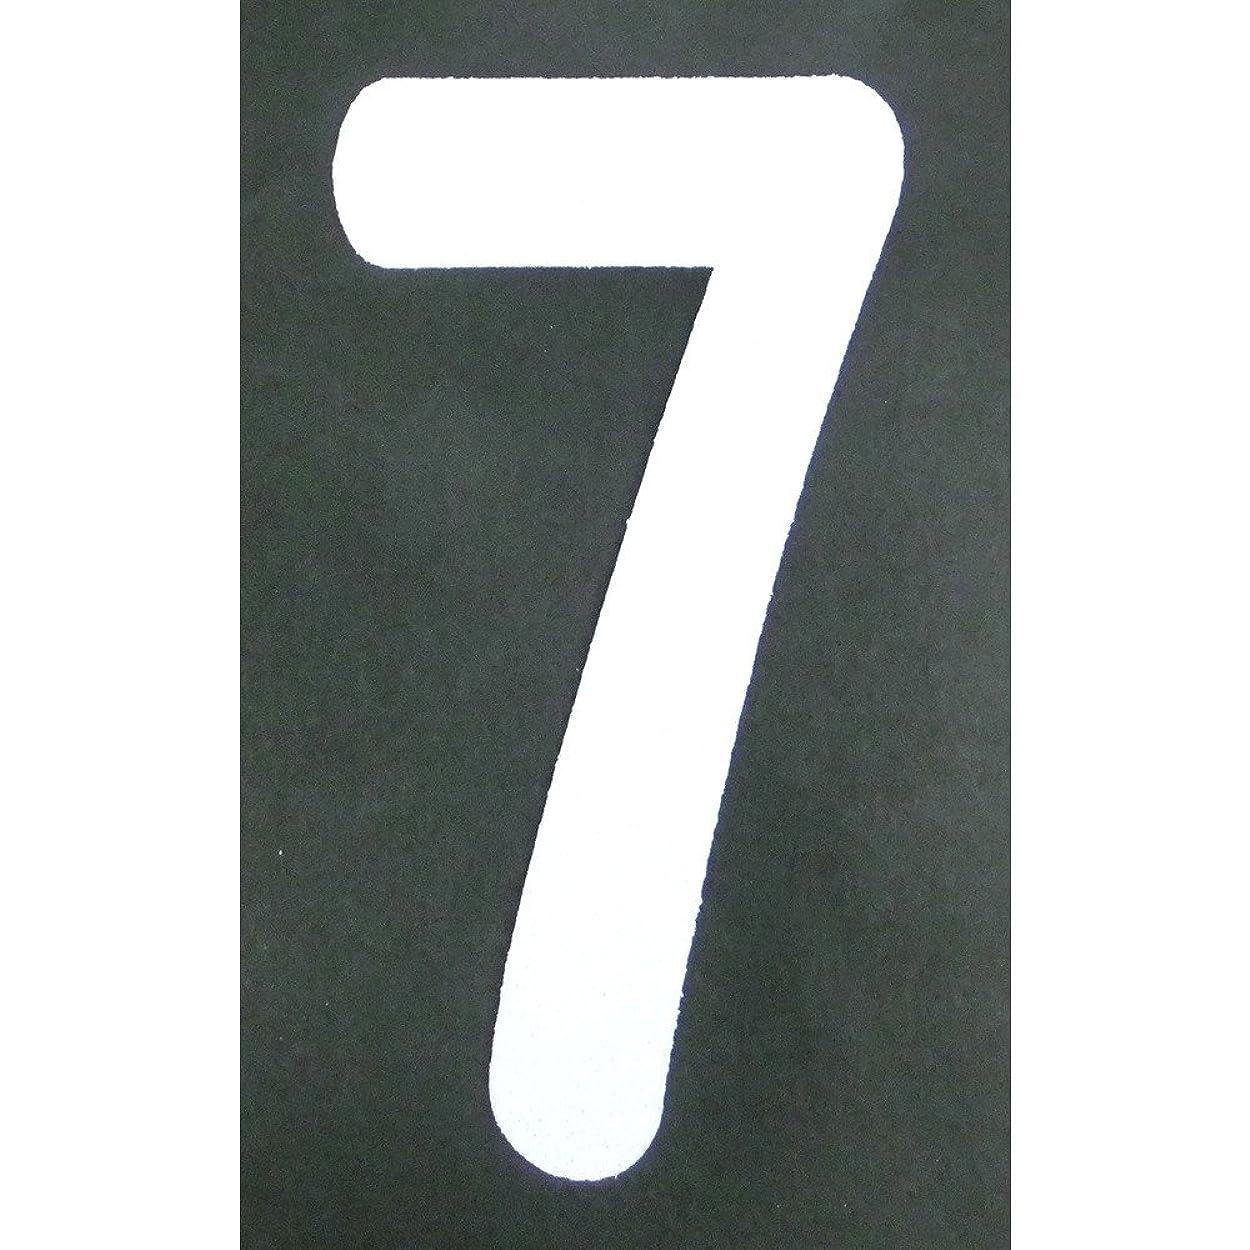 組み込む南ソーセージ新富士バーナー ロードマーキングシリーズ ナンバーS (7) RM-107